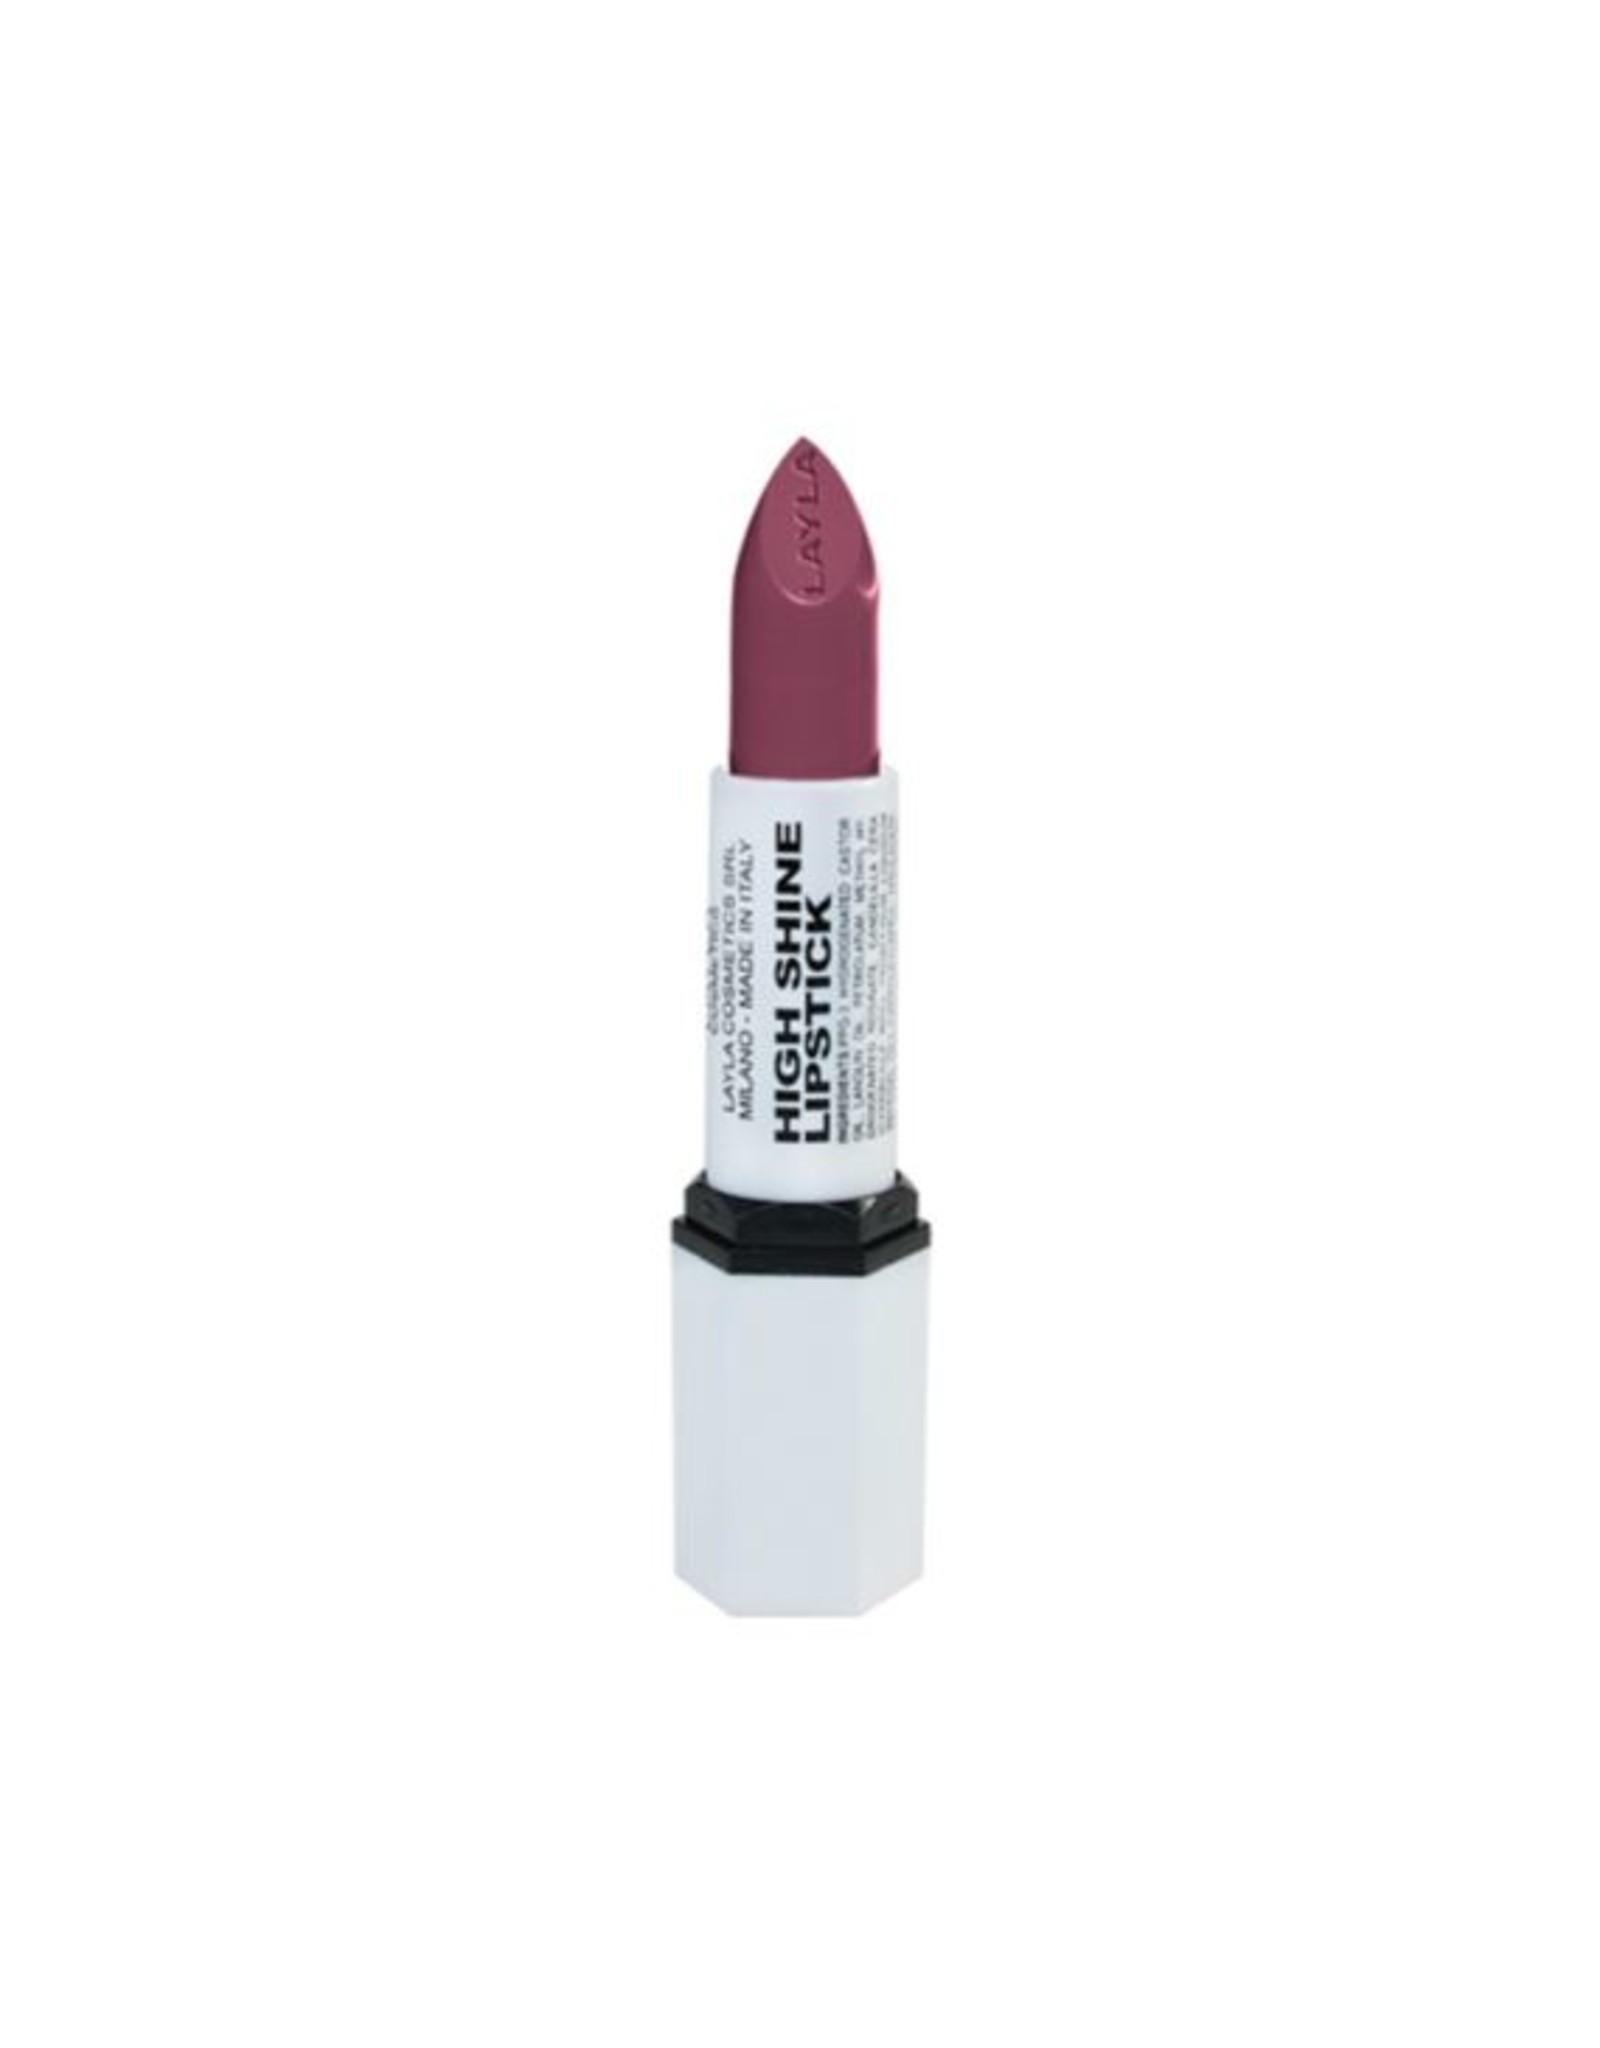 Layla Cosmetics High Shine Lipstick 134 - Layla Cosmetics